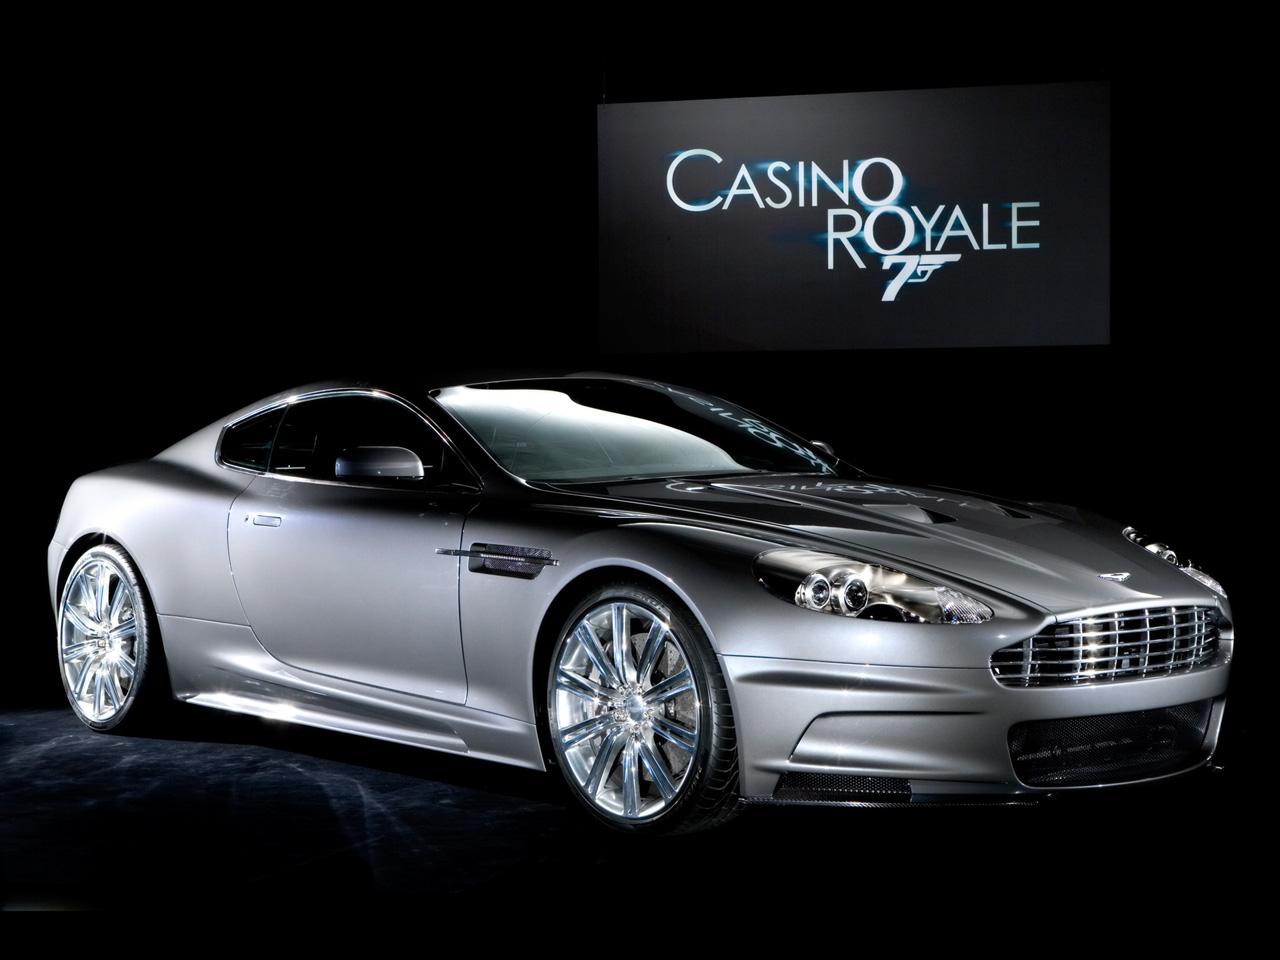 Mejores coches de peliculas - Página 2 2006-aston-martin-dbs-james-bond-casino-royale-sa-1280x960